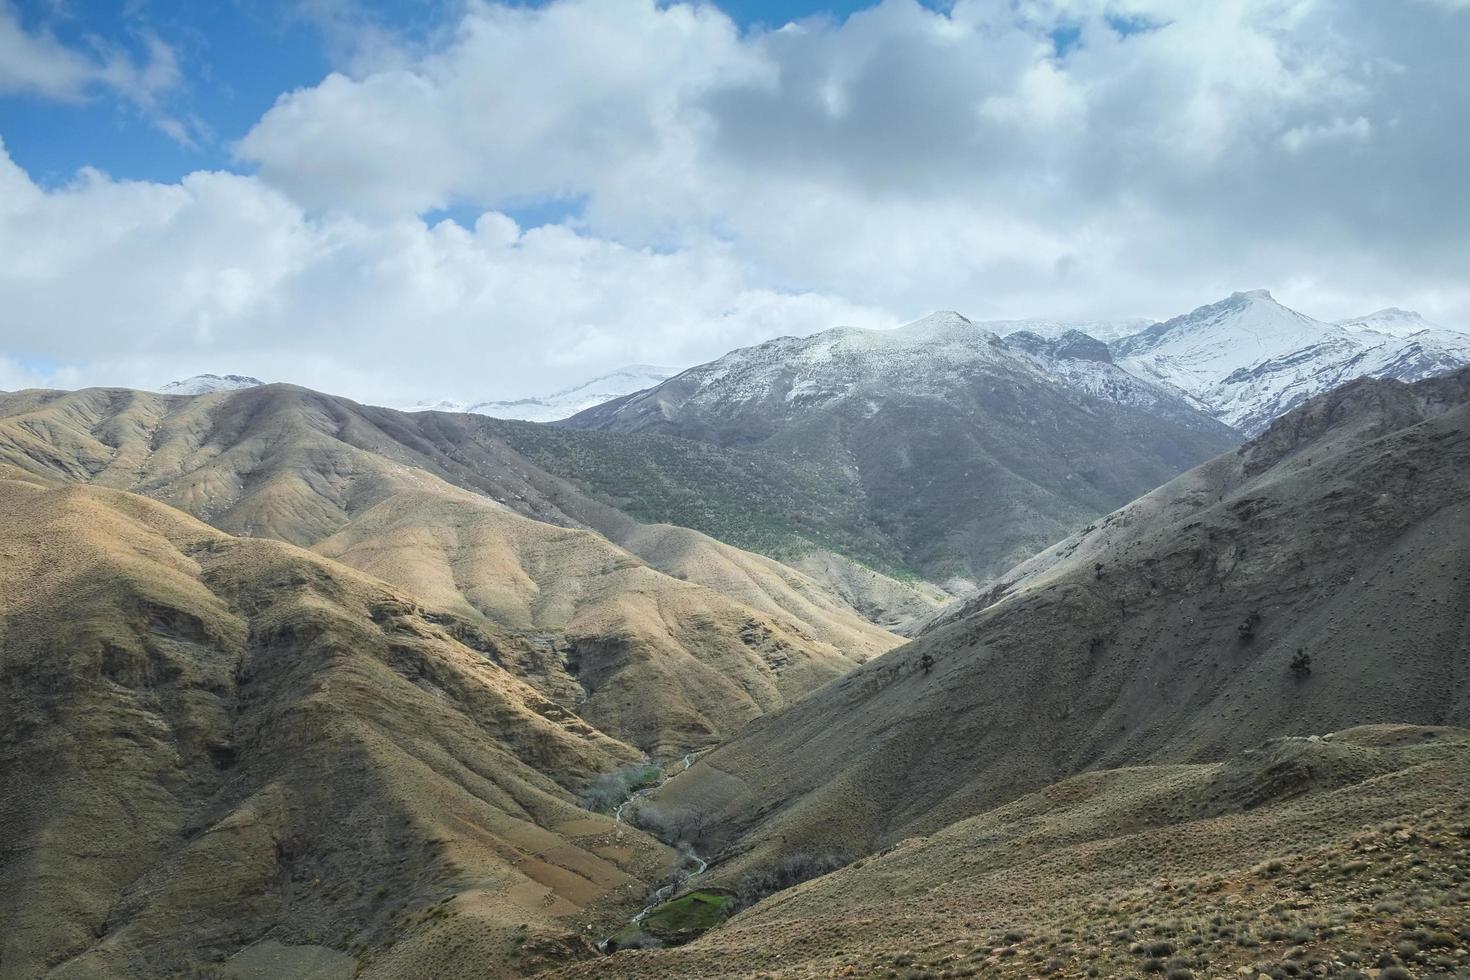 vista del paesaggio della catena montuosa dell'atlante contro il cielo nuvoloso foto